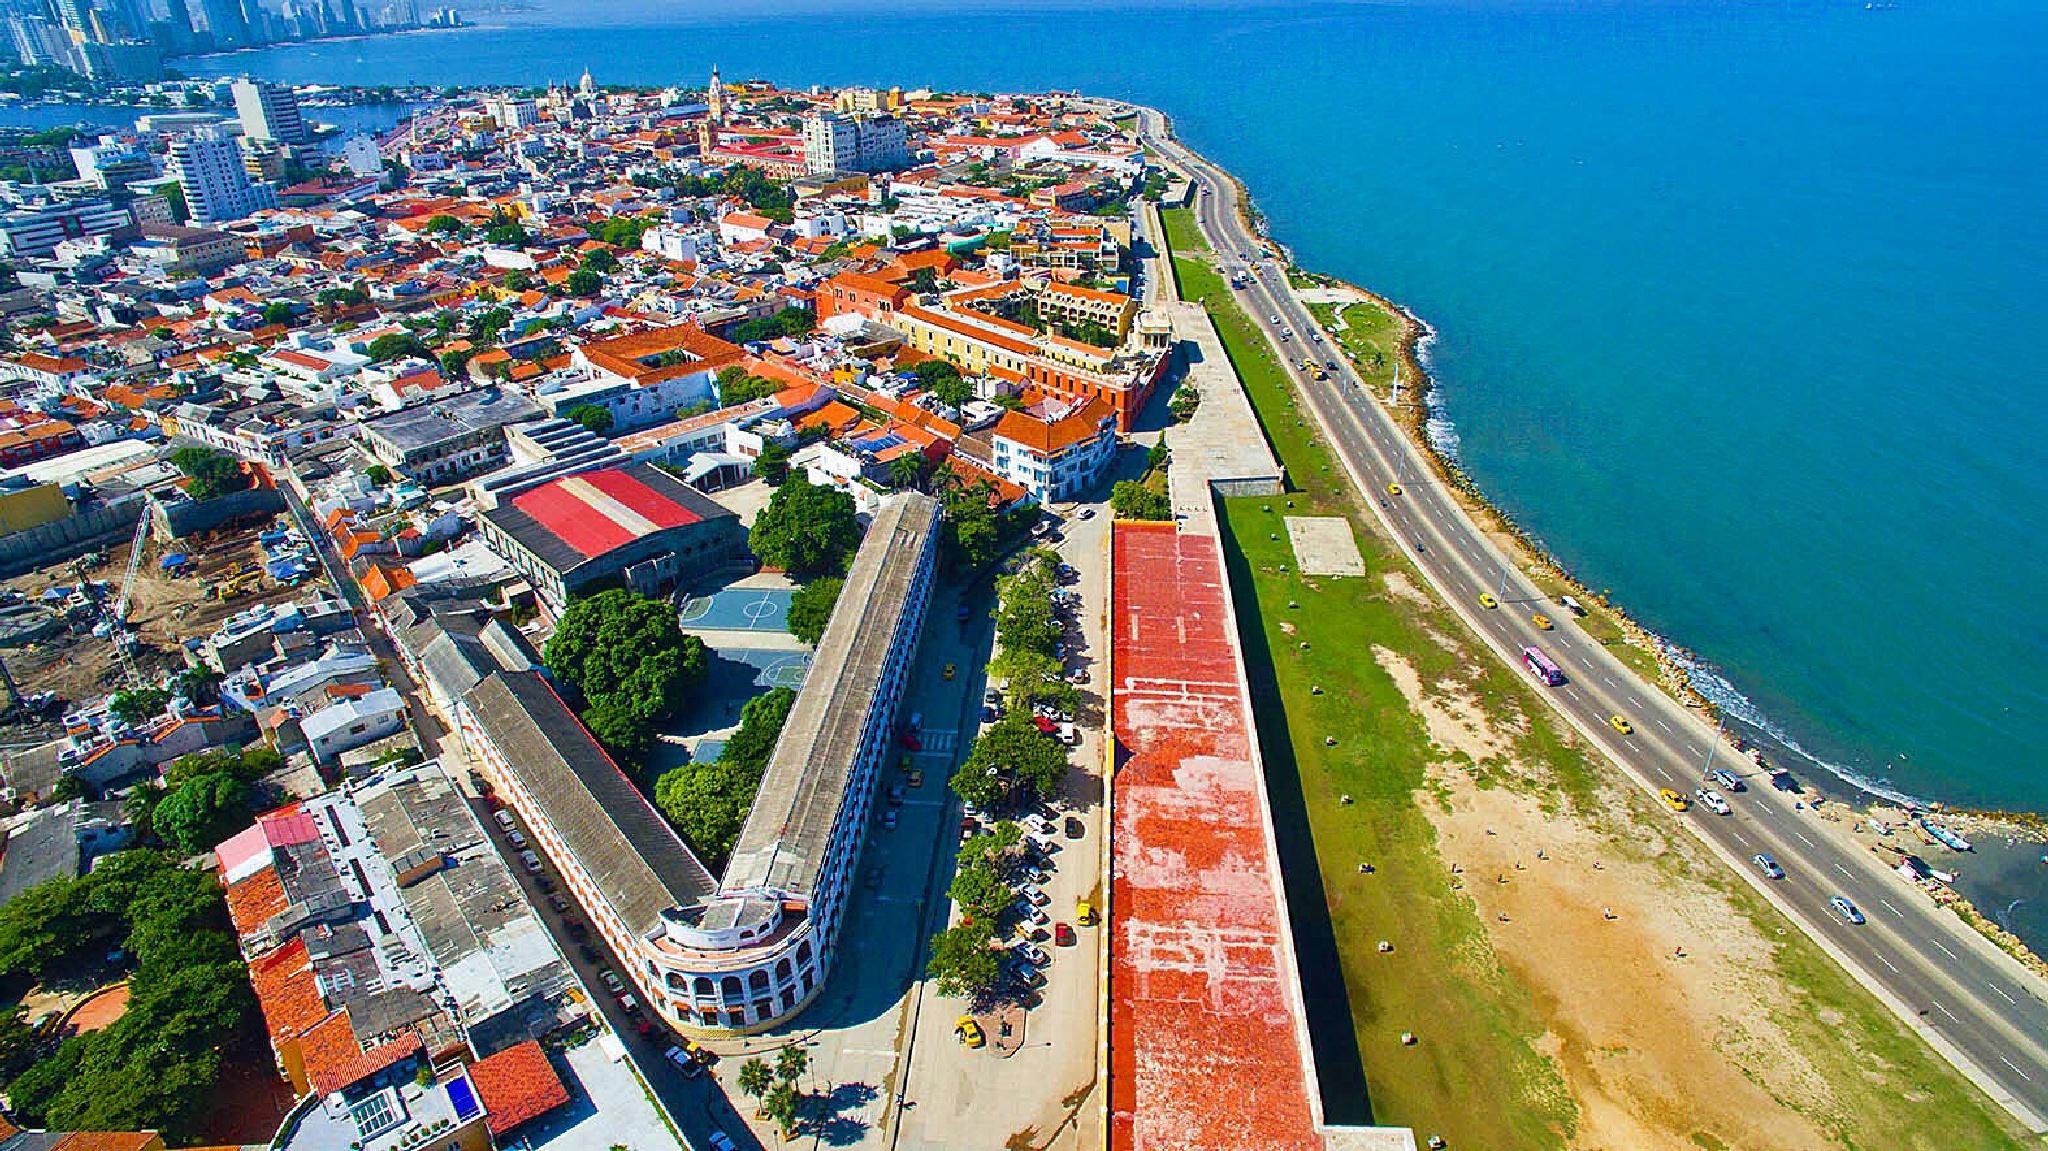 Cartagena de Indias by becerrajose